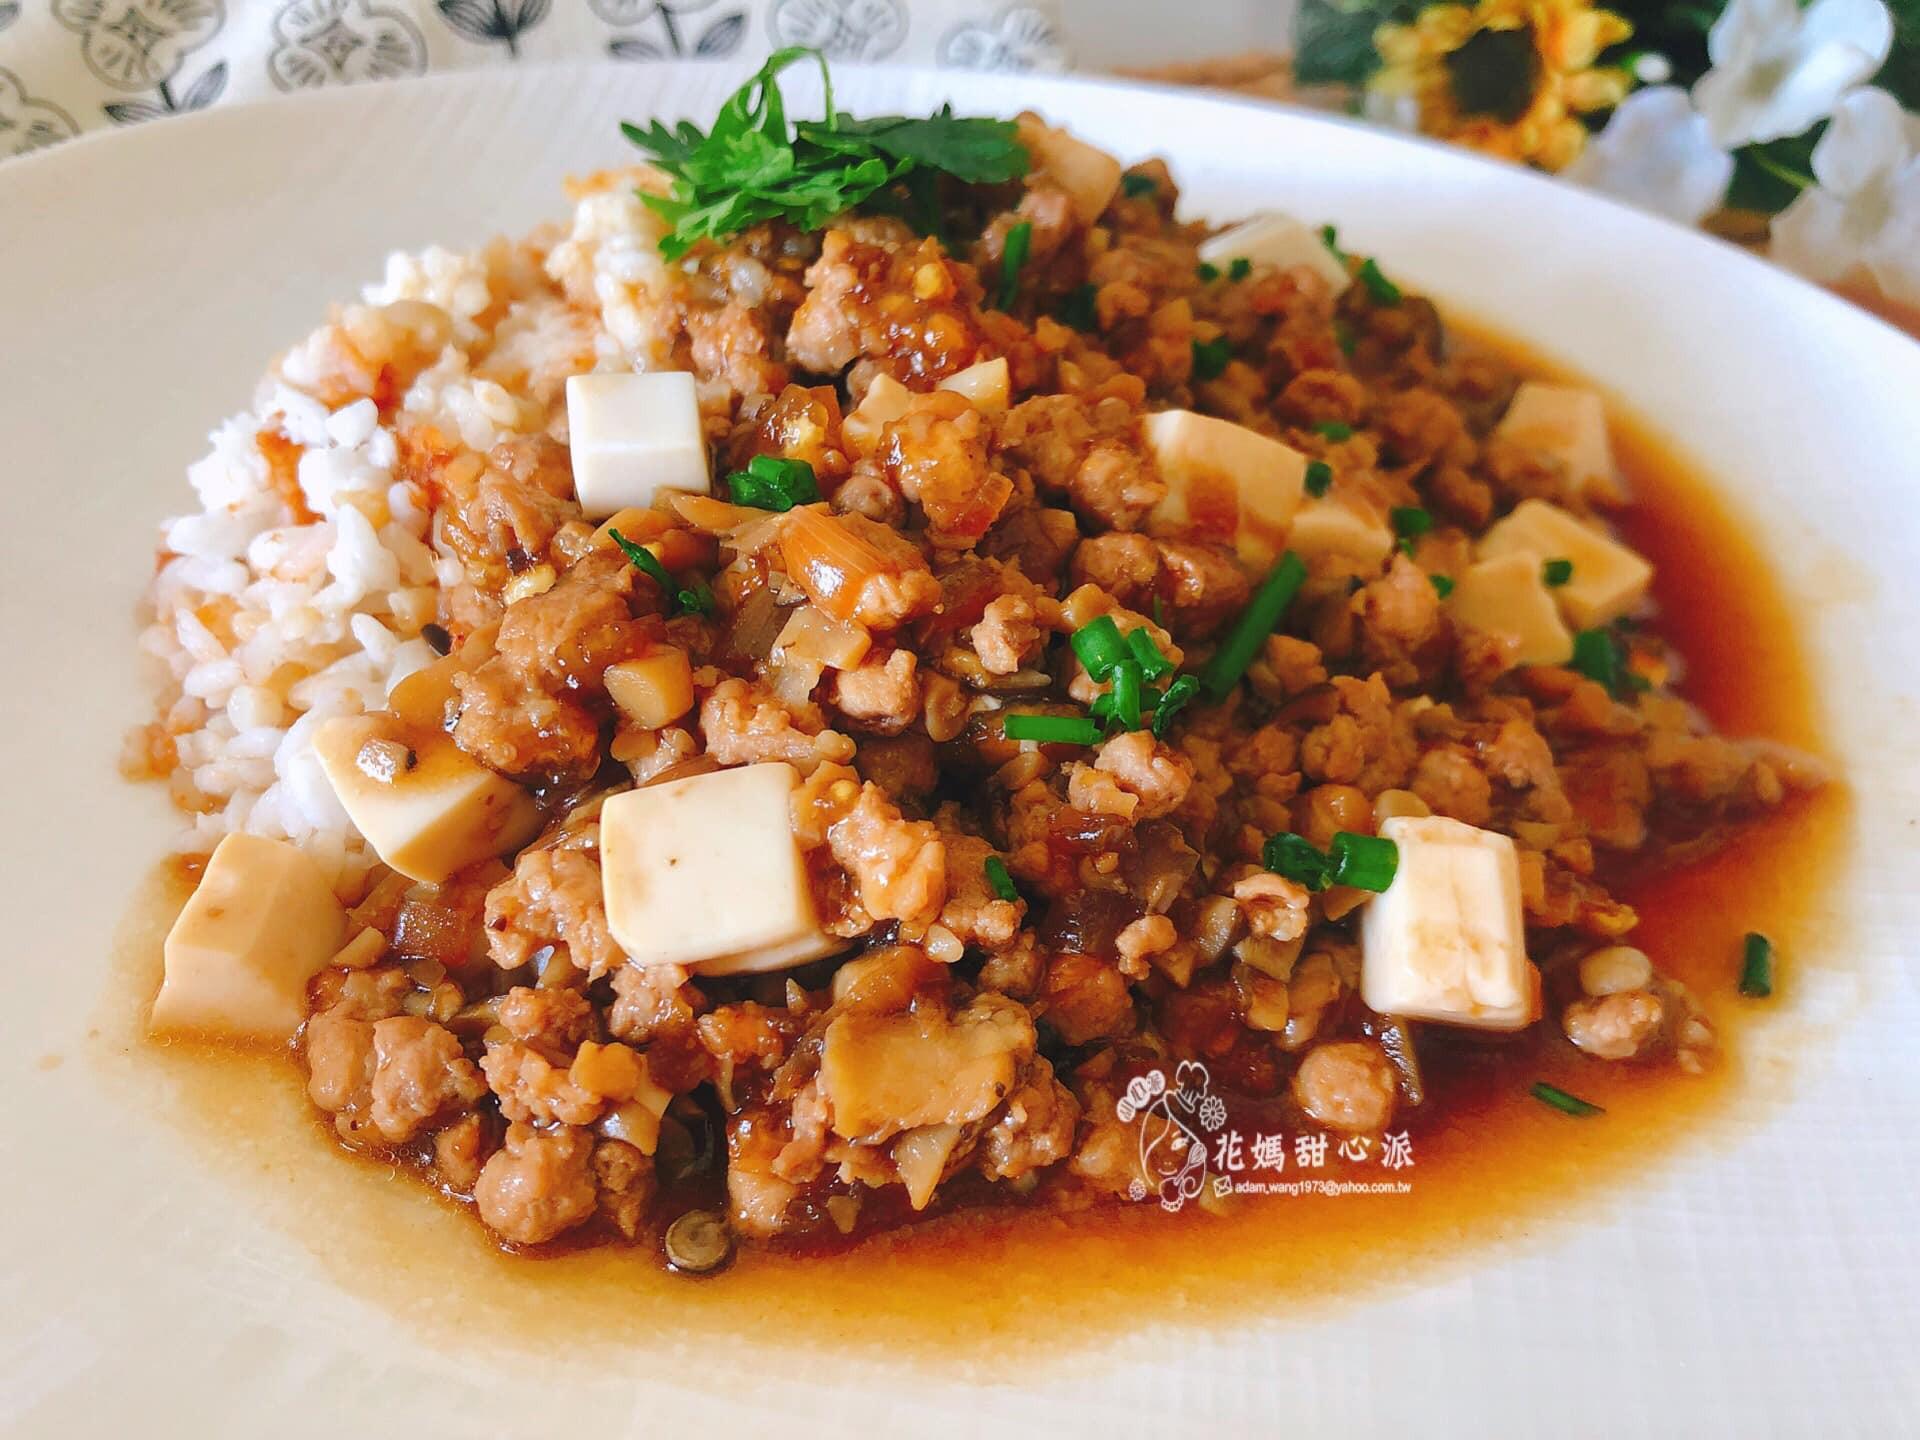 好菇肉醬豆腐燴飯(好菇道營養料理)